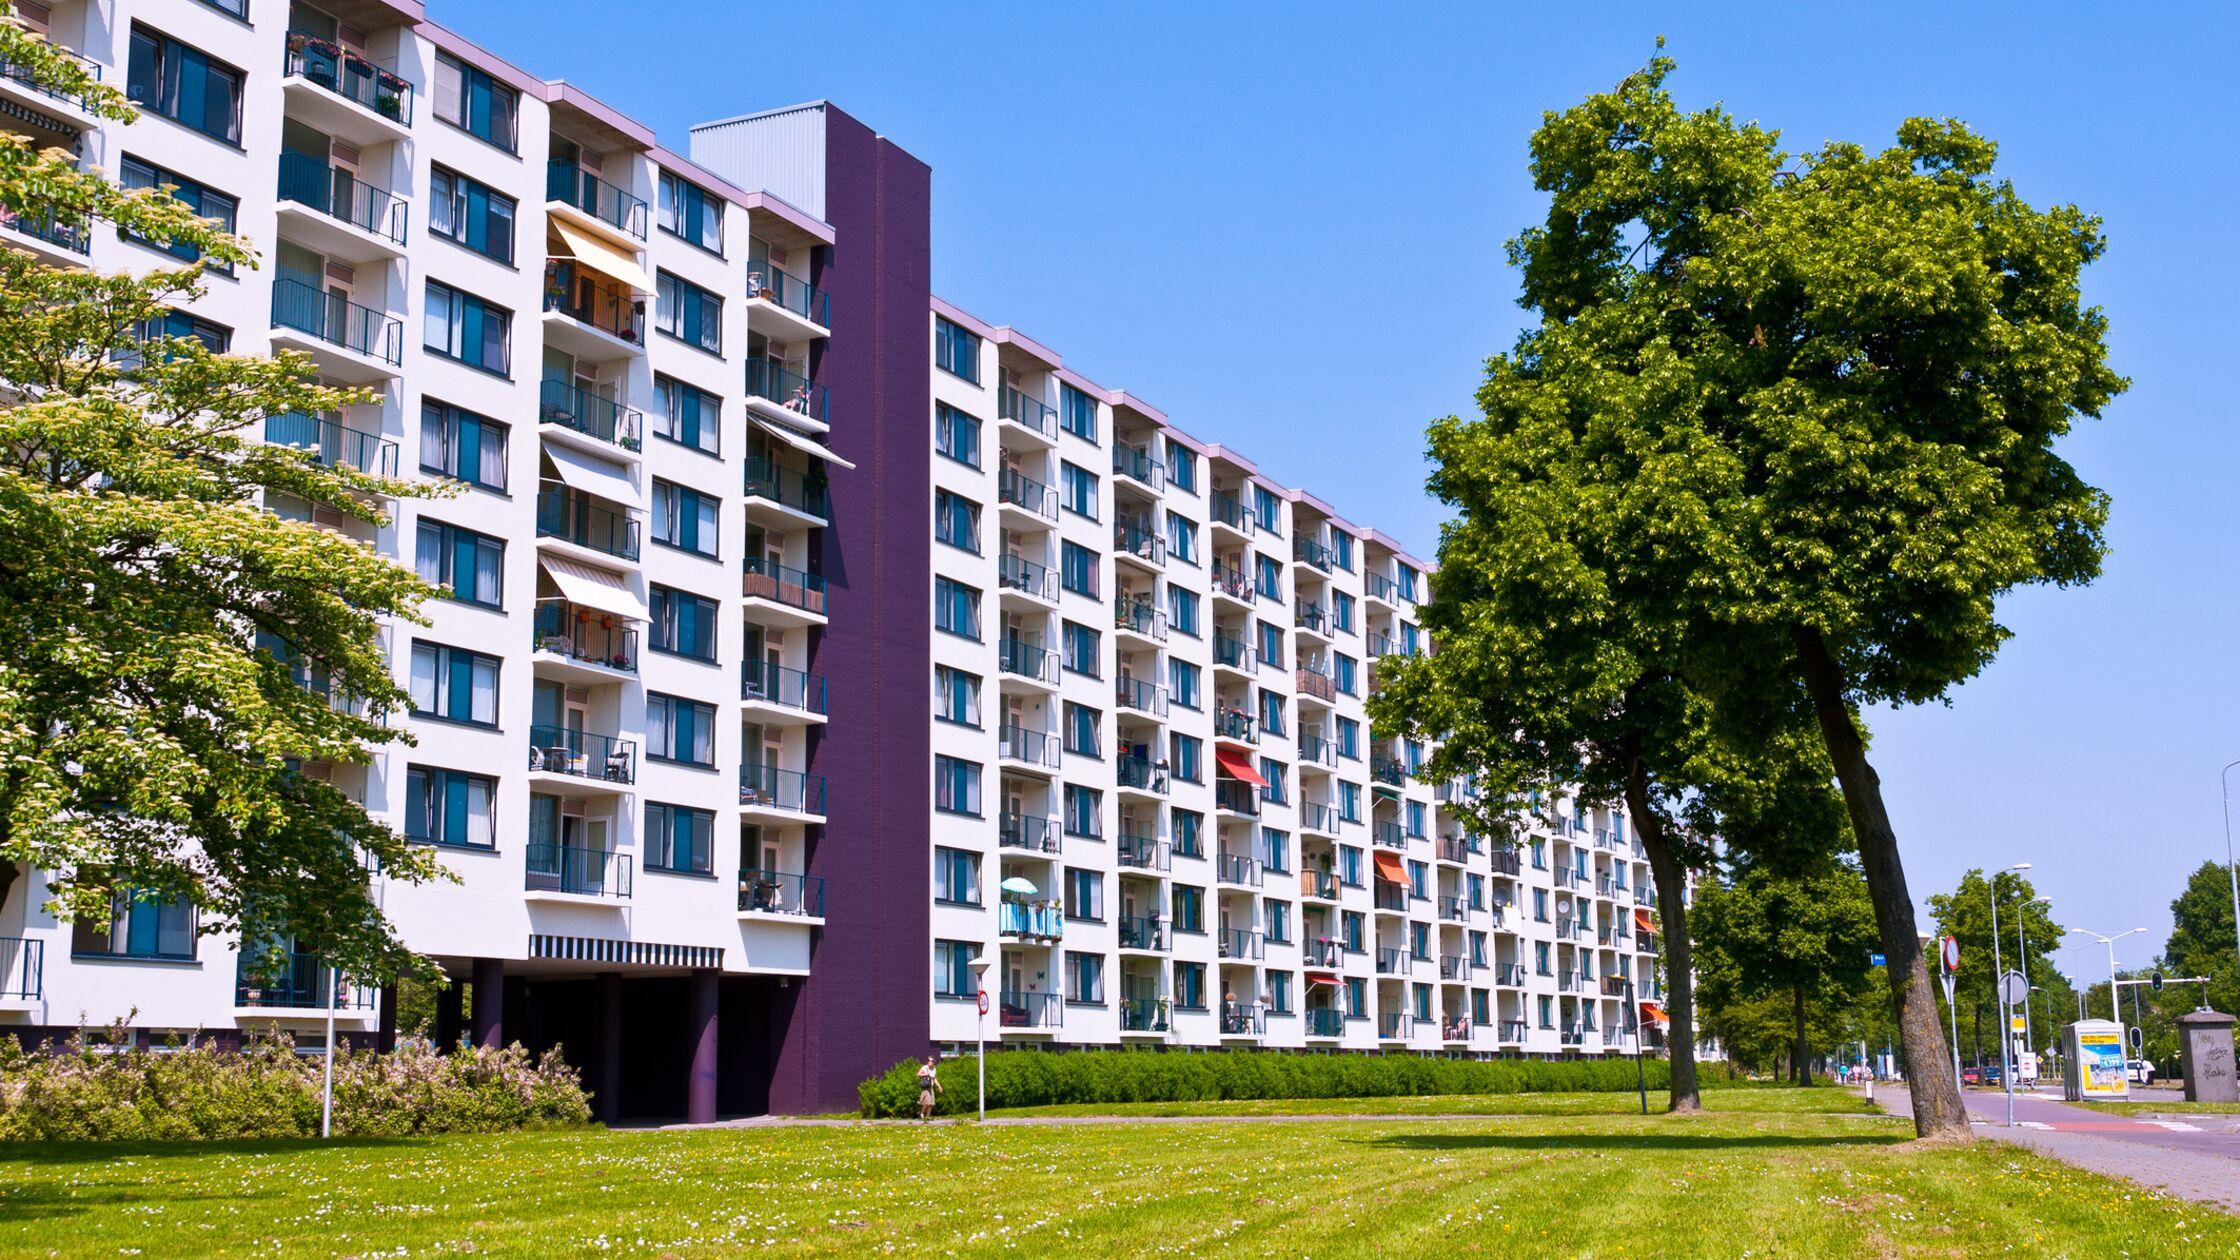 Wohnblock mit vielen Wohnungen von außen, davor Rasen und Bäume